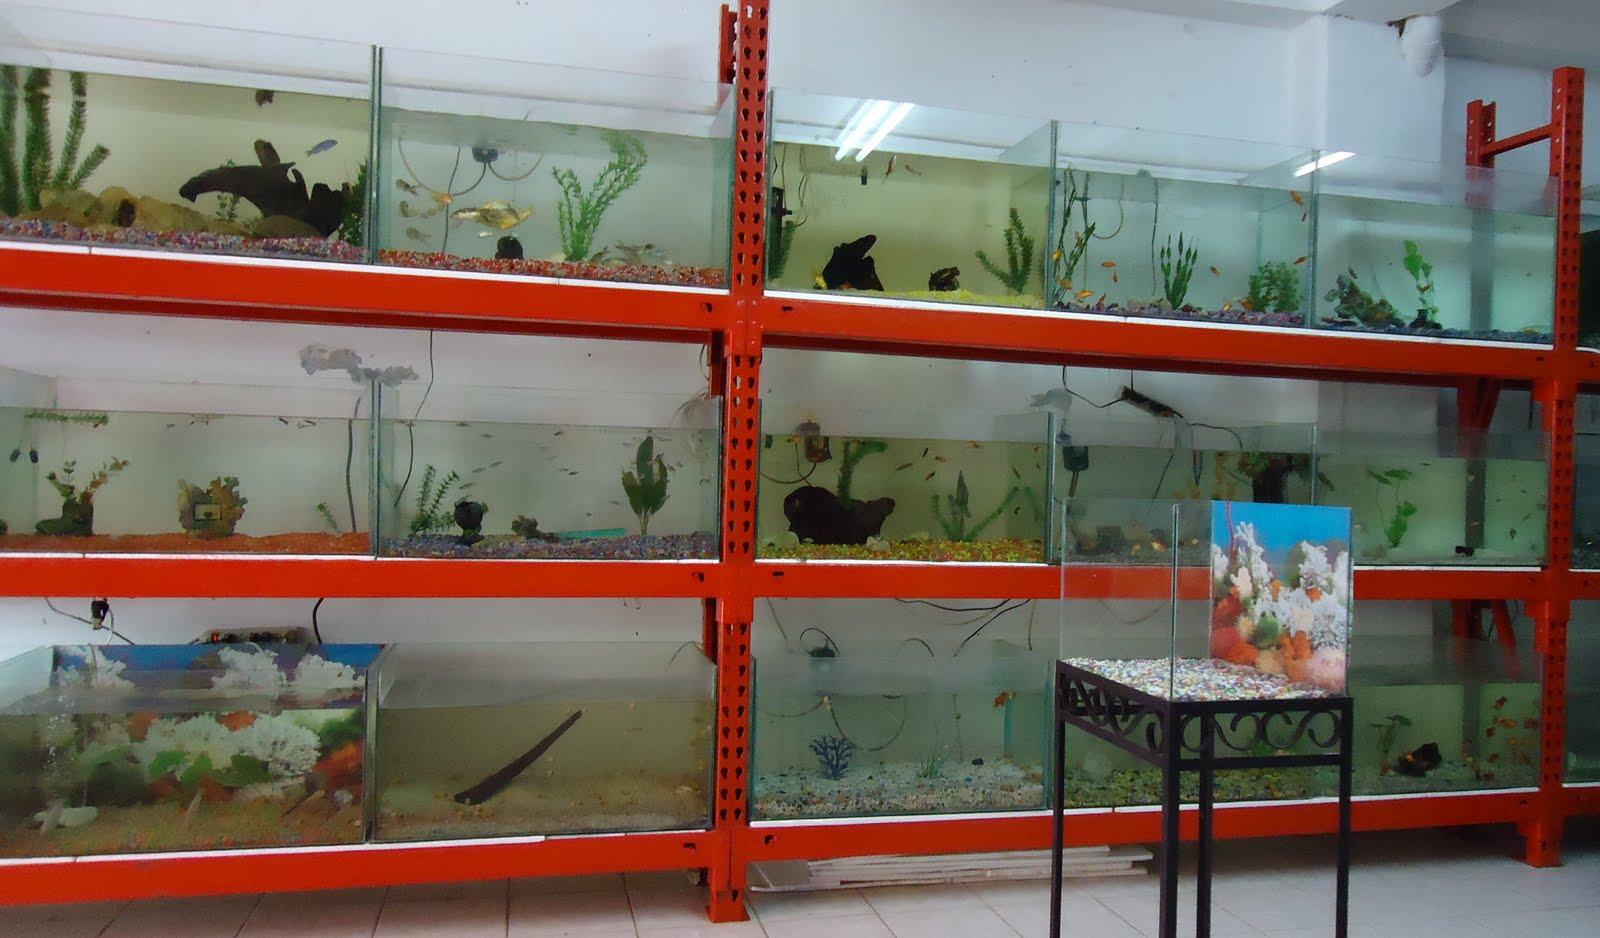 Acuario montelibano la casa del acuario for Acuarios ornamentales